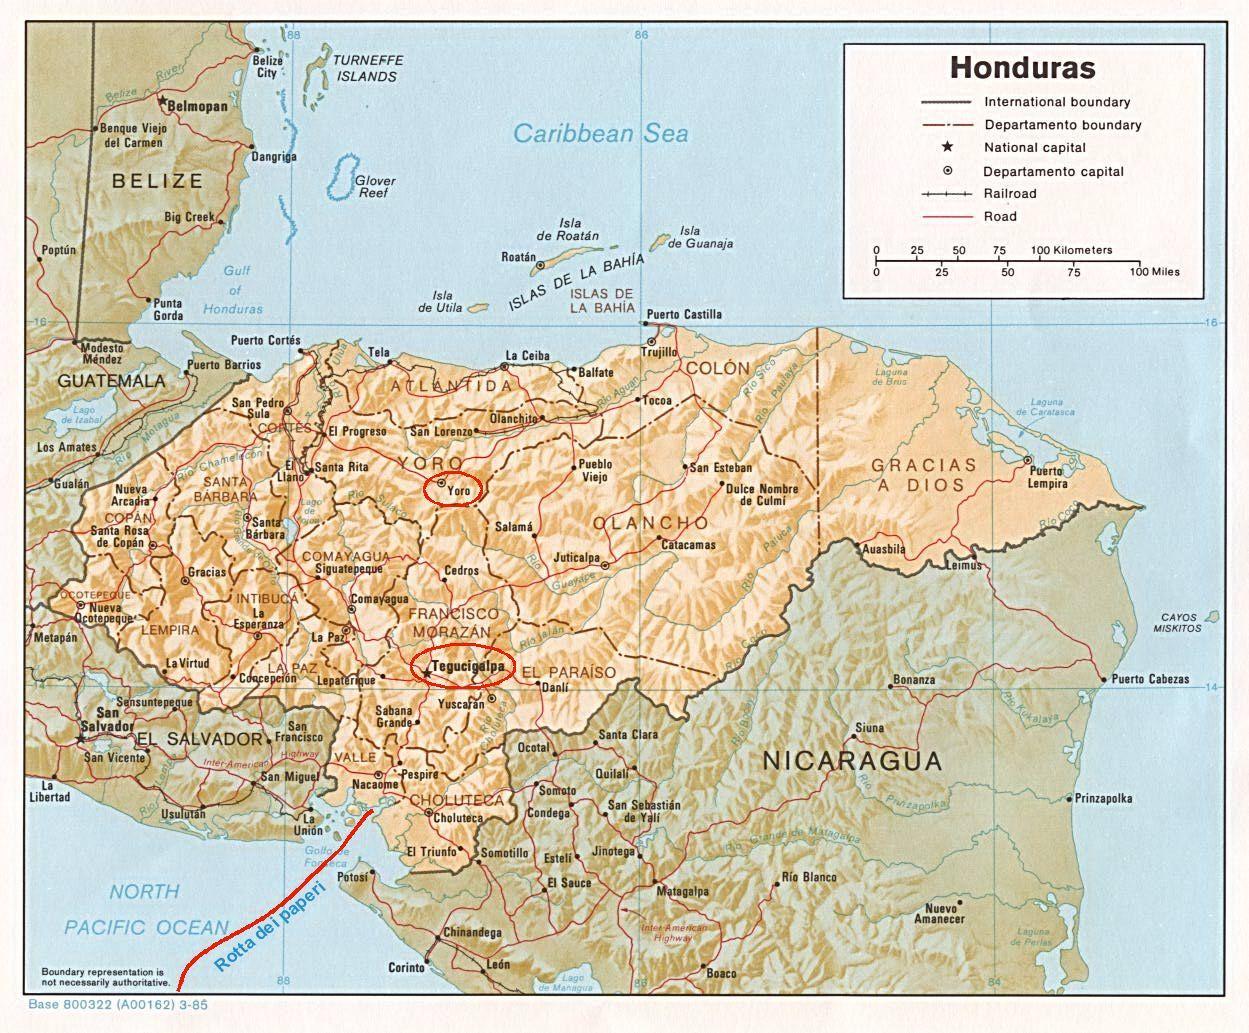 Mappa dell'Honduras con il percorso dei paperi